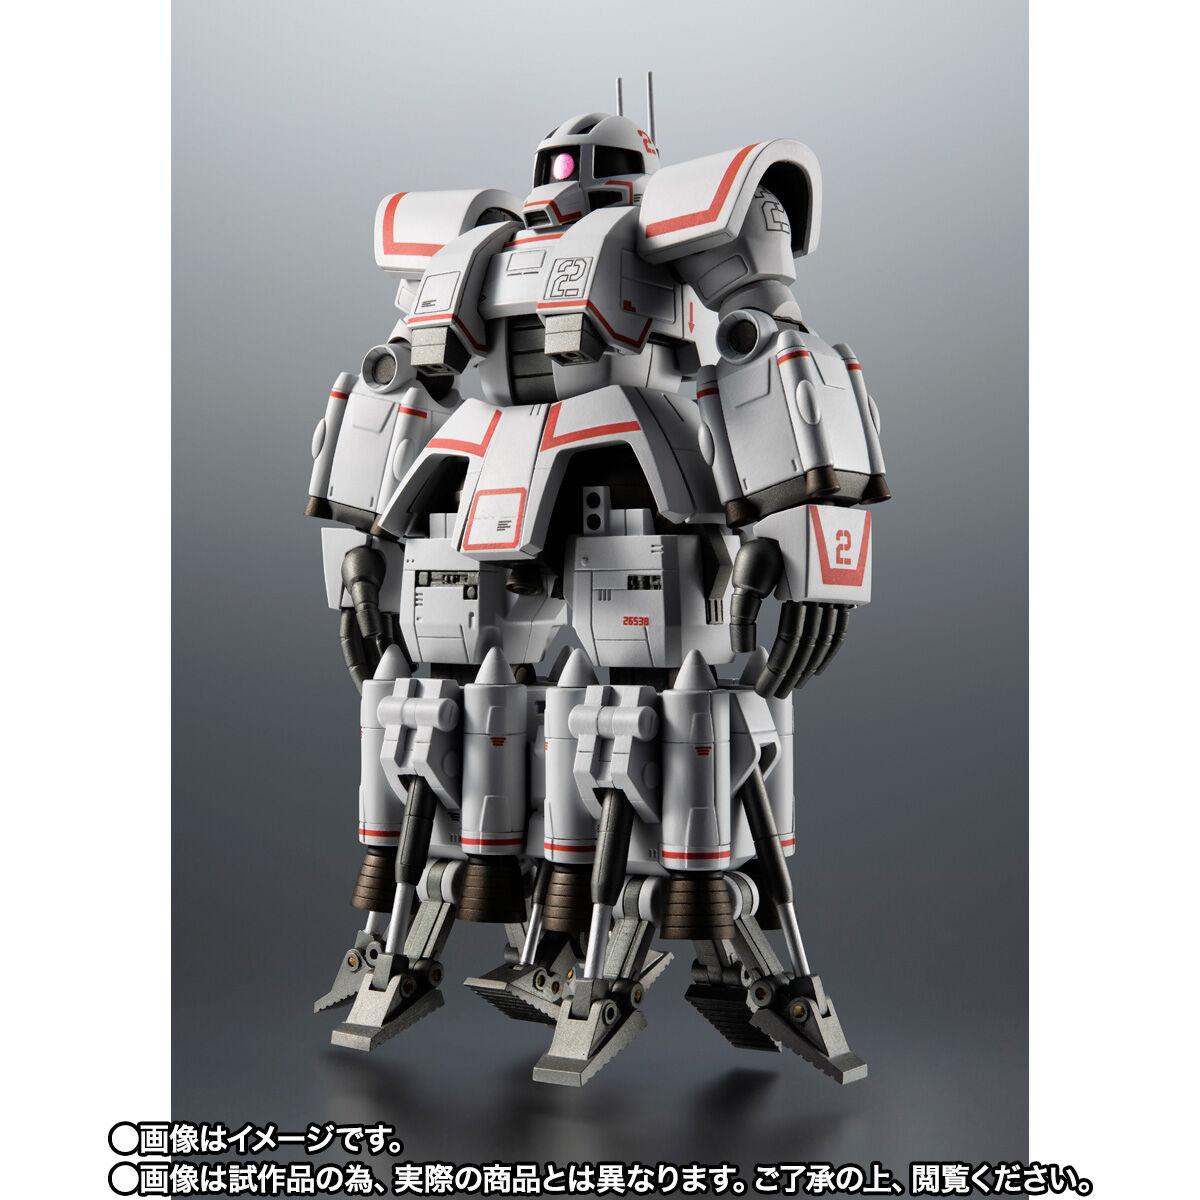 【限定販売】ROBOT魂〈SIDE MS〉『MSN-01 高速機動型ザク ver. A.N.I.M.E.』ガンダムMSV 可動フィギュア-002